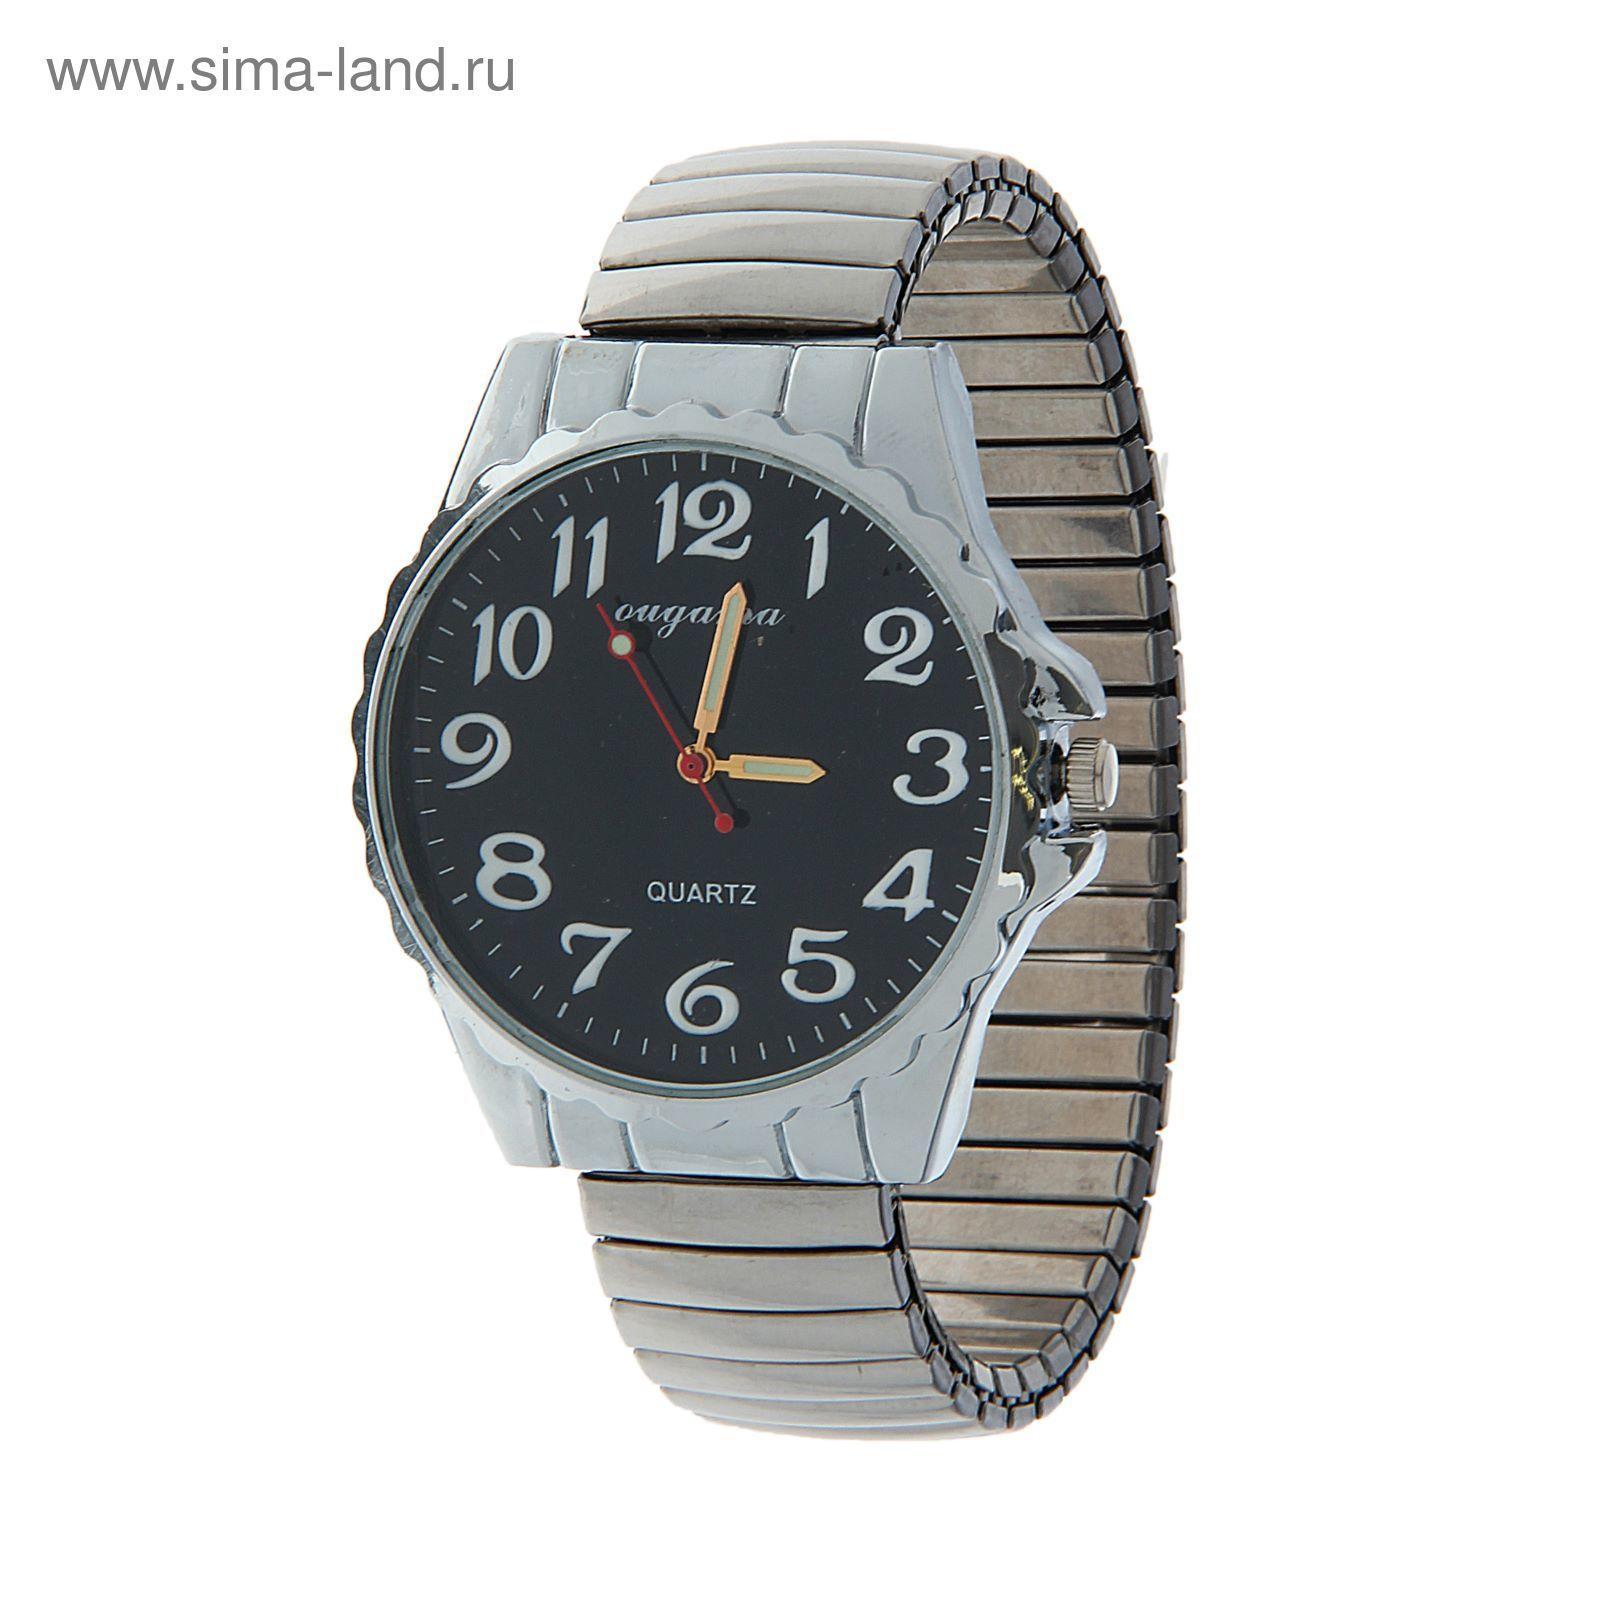 Браслеты для наручных часов мужские москва купить часы orient